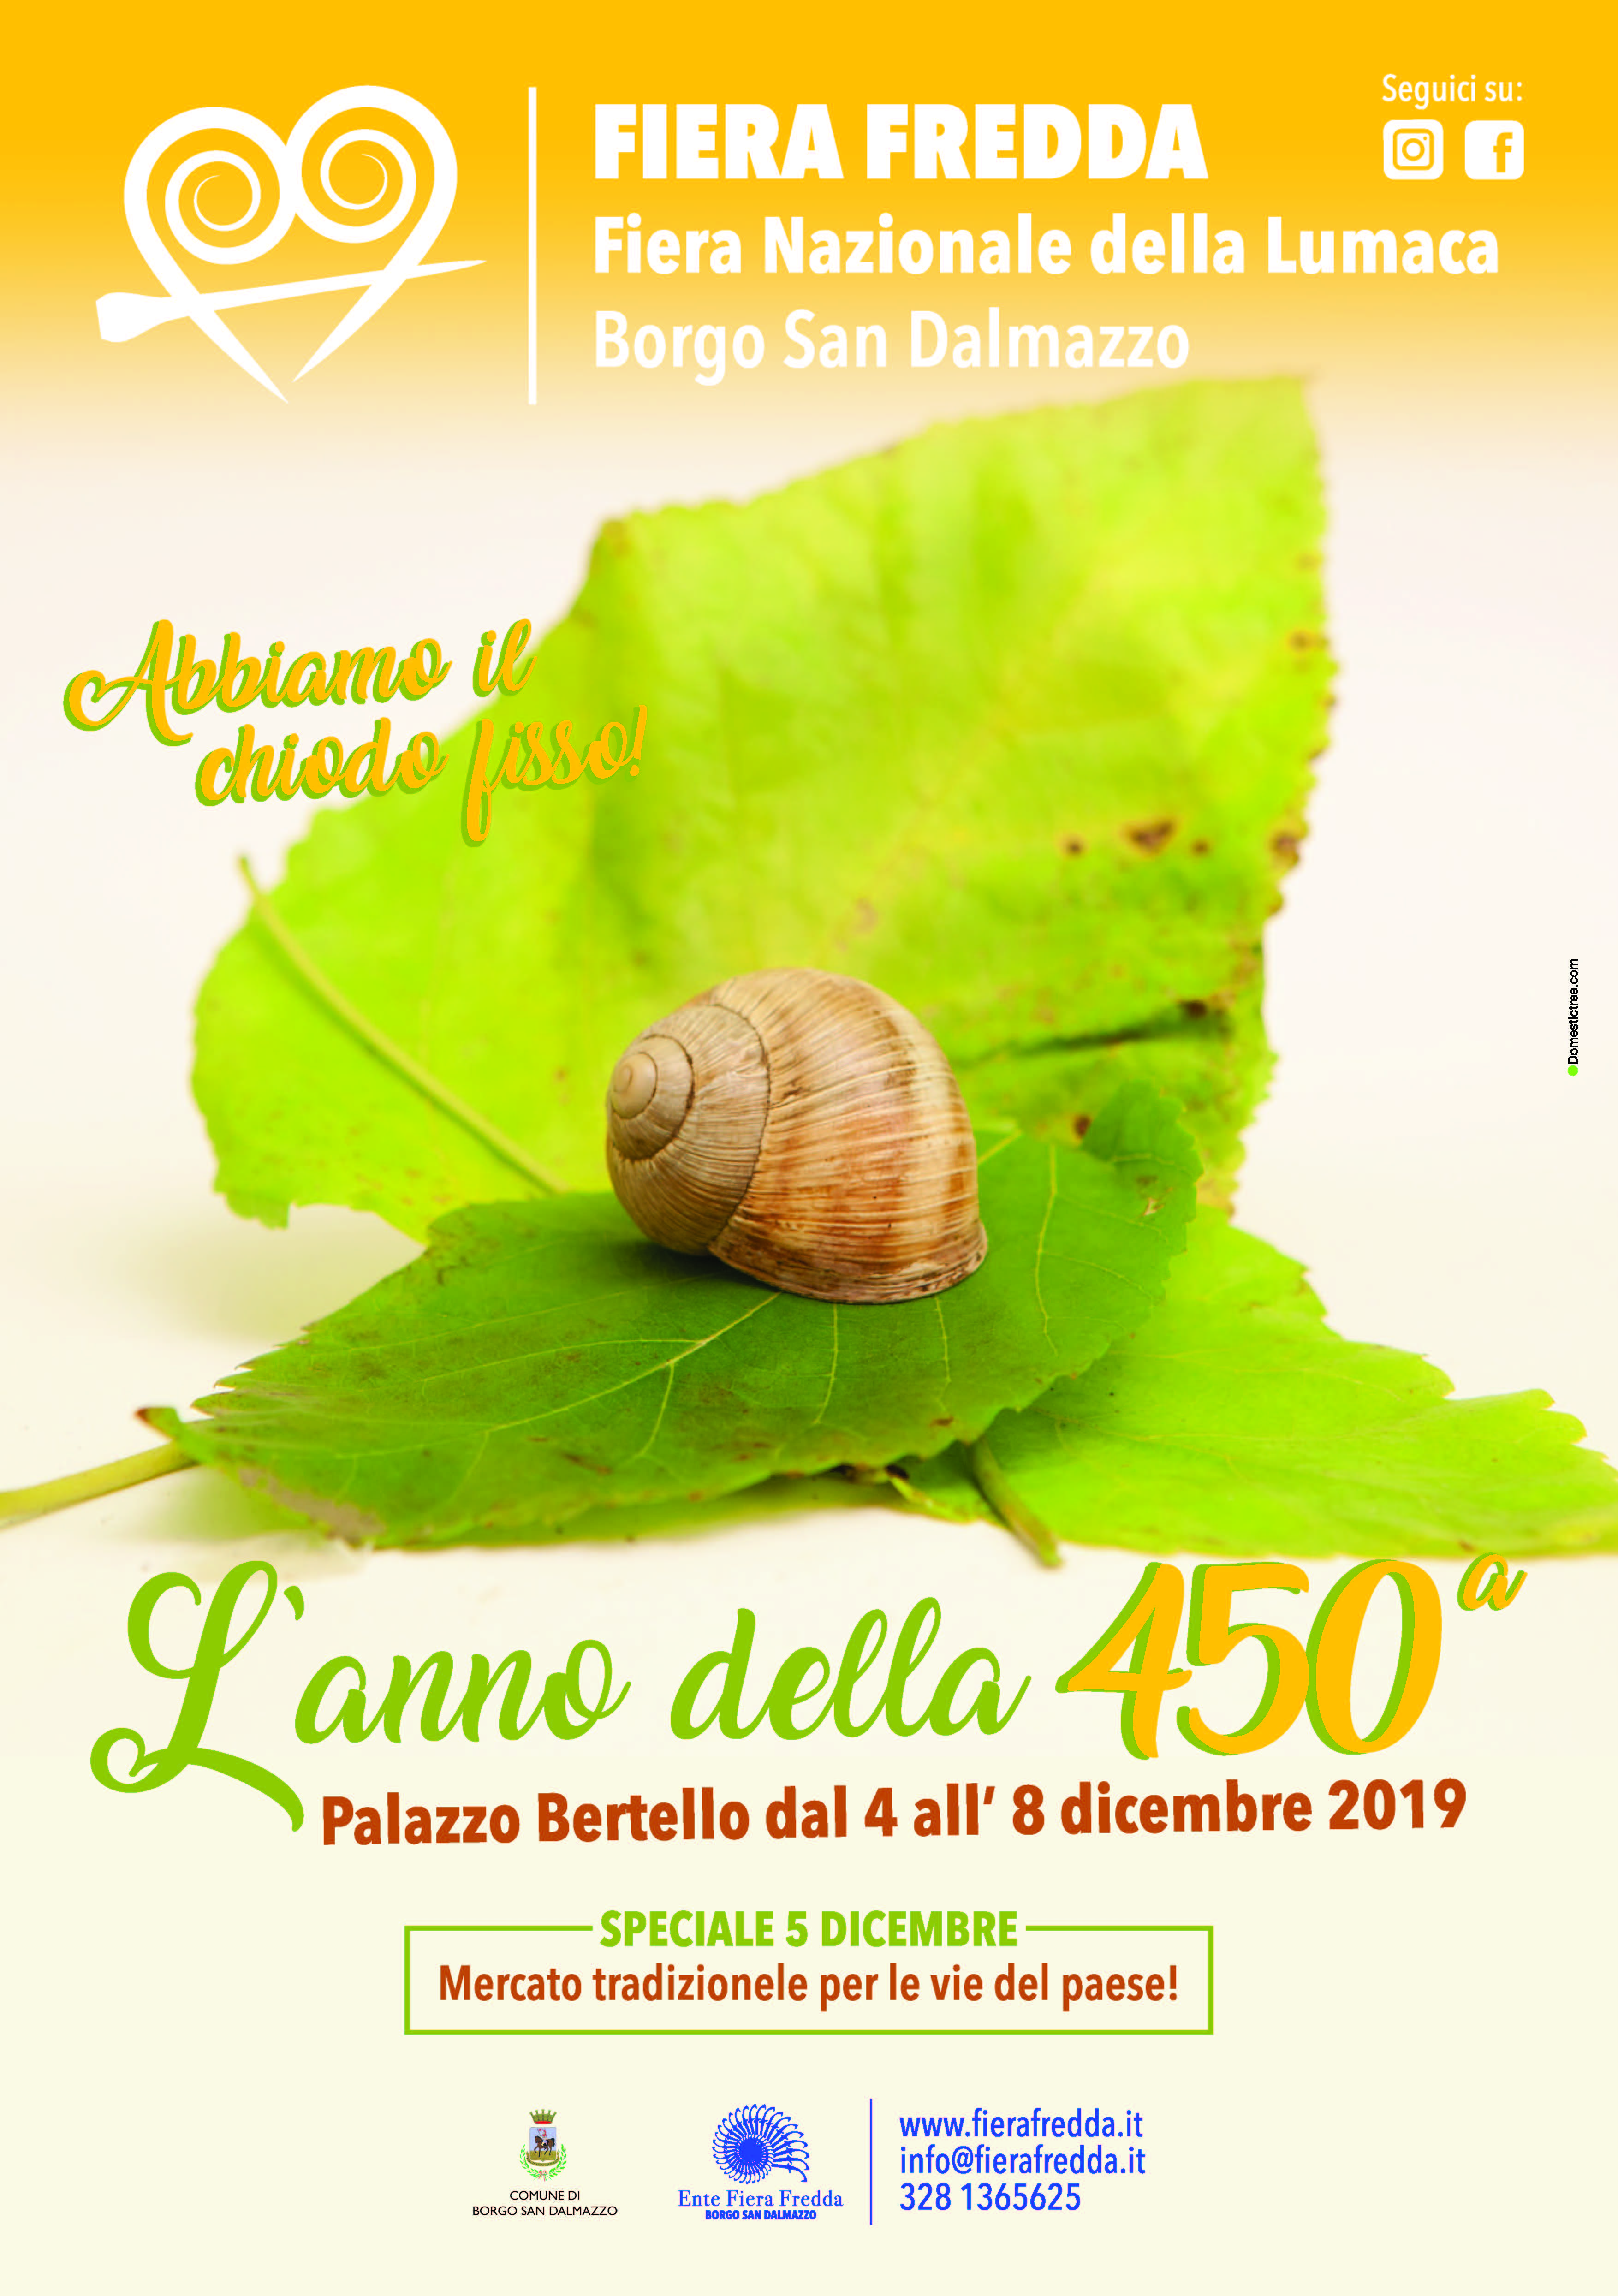 Fiera Fredda 2019 a Borgo San Dalmazzo